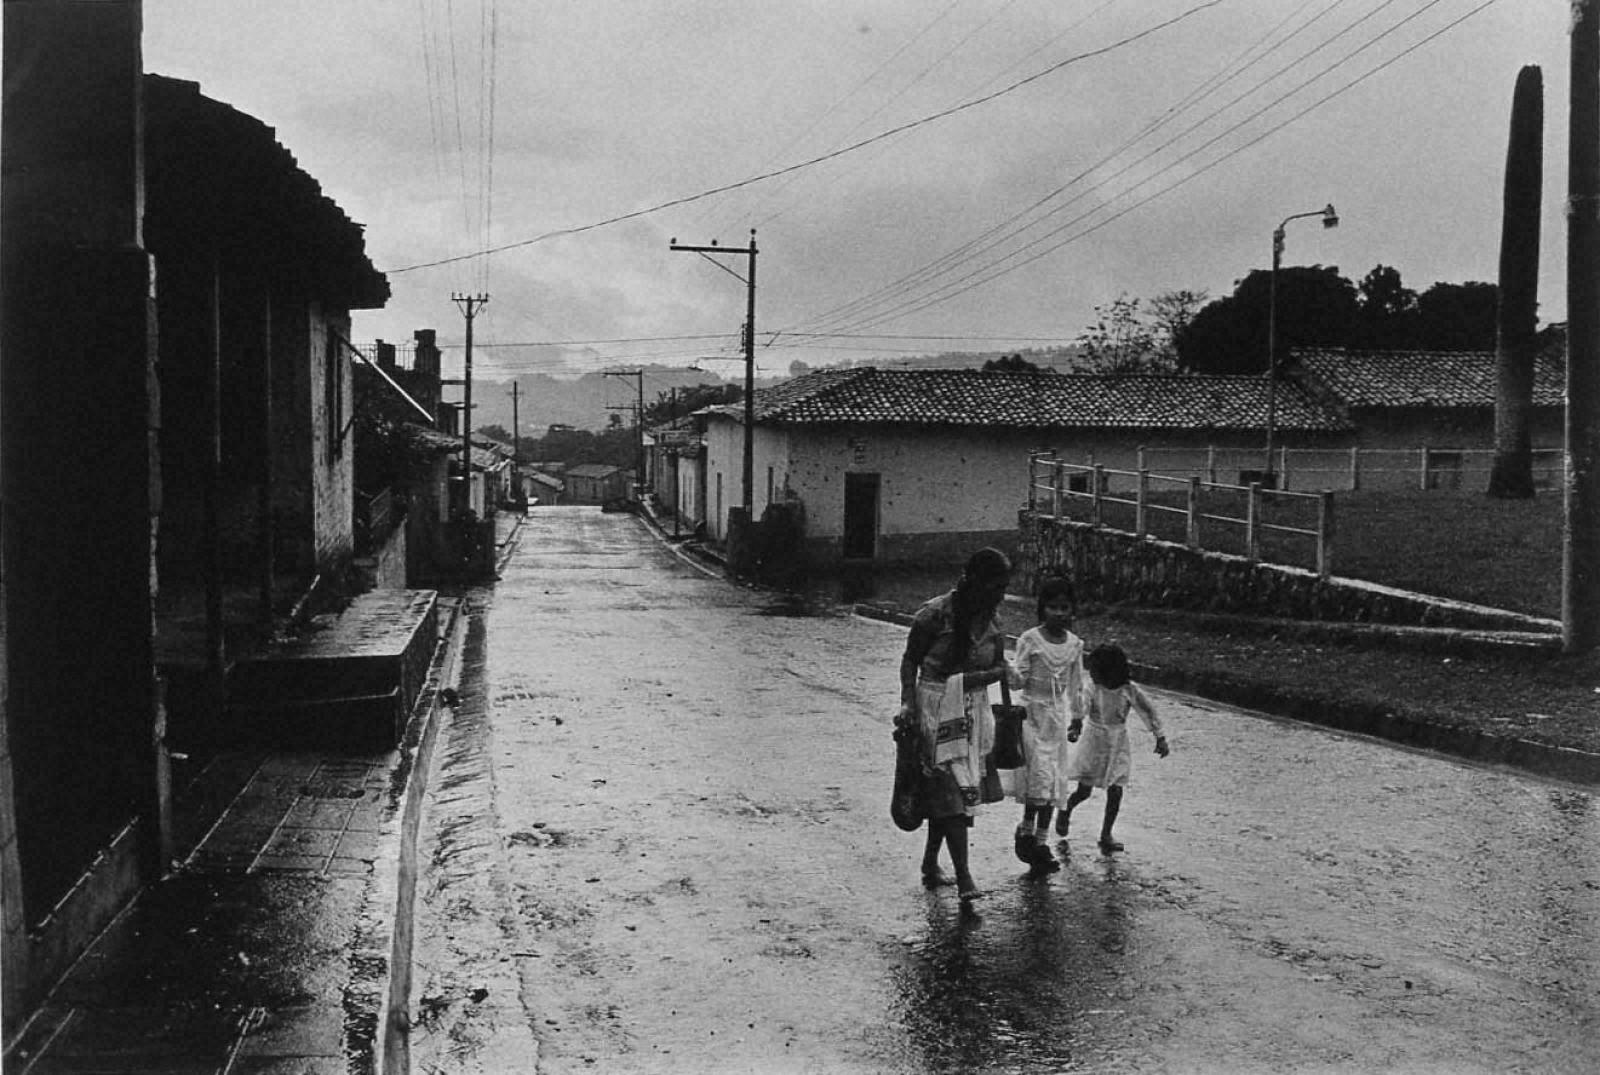 戦場から人間へ―長倉洋海18年の軌跡 雨の中を行く母子